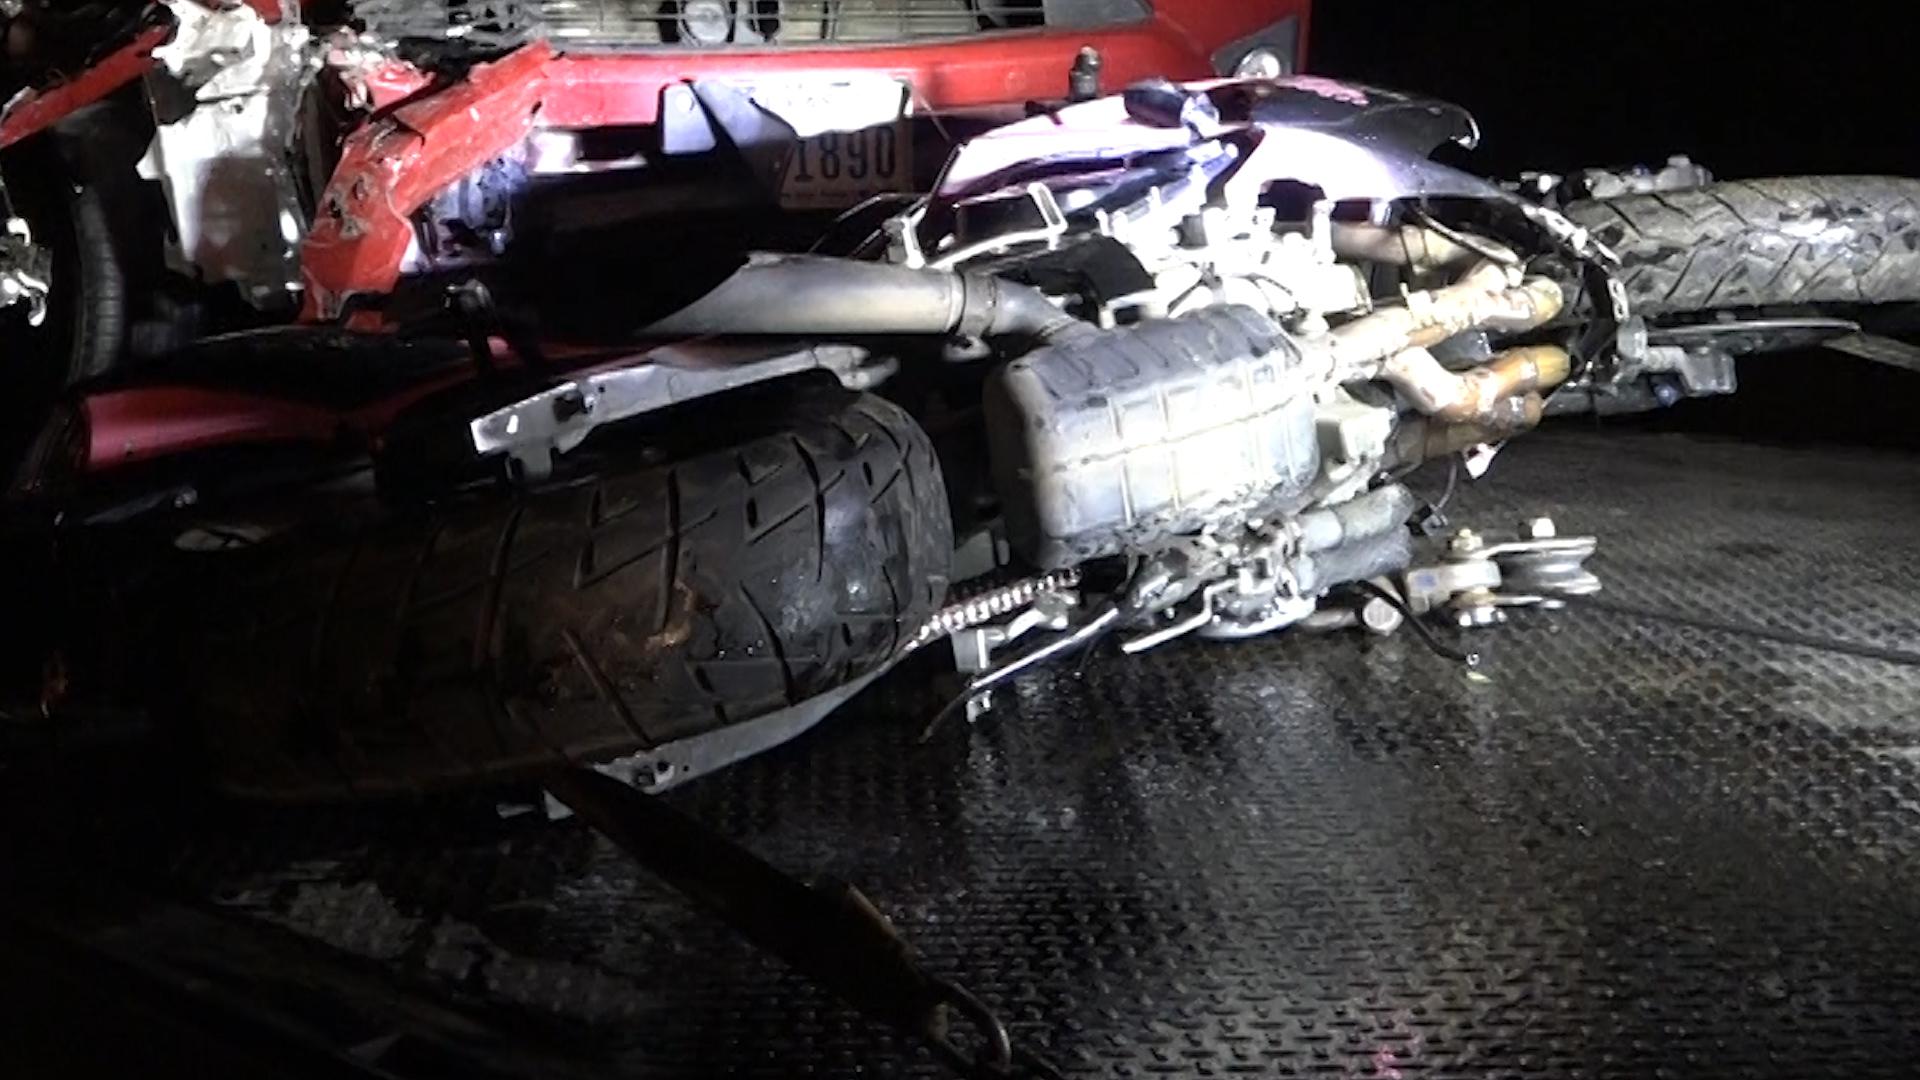 CONROE POLICE INVESTIGATING FATAL MOTORCYCLE CRASH